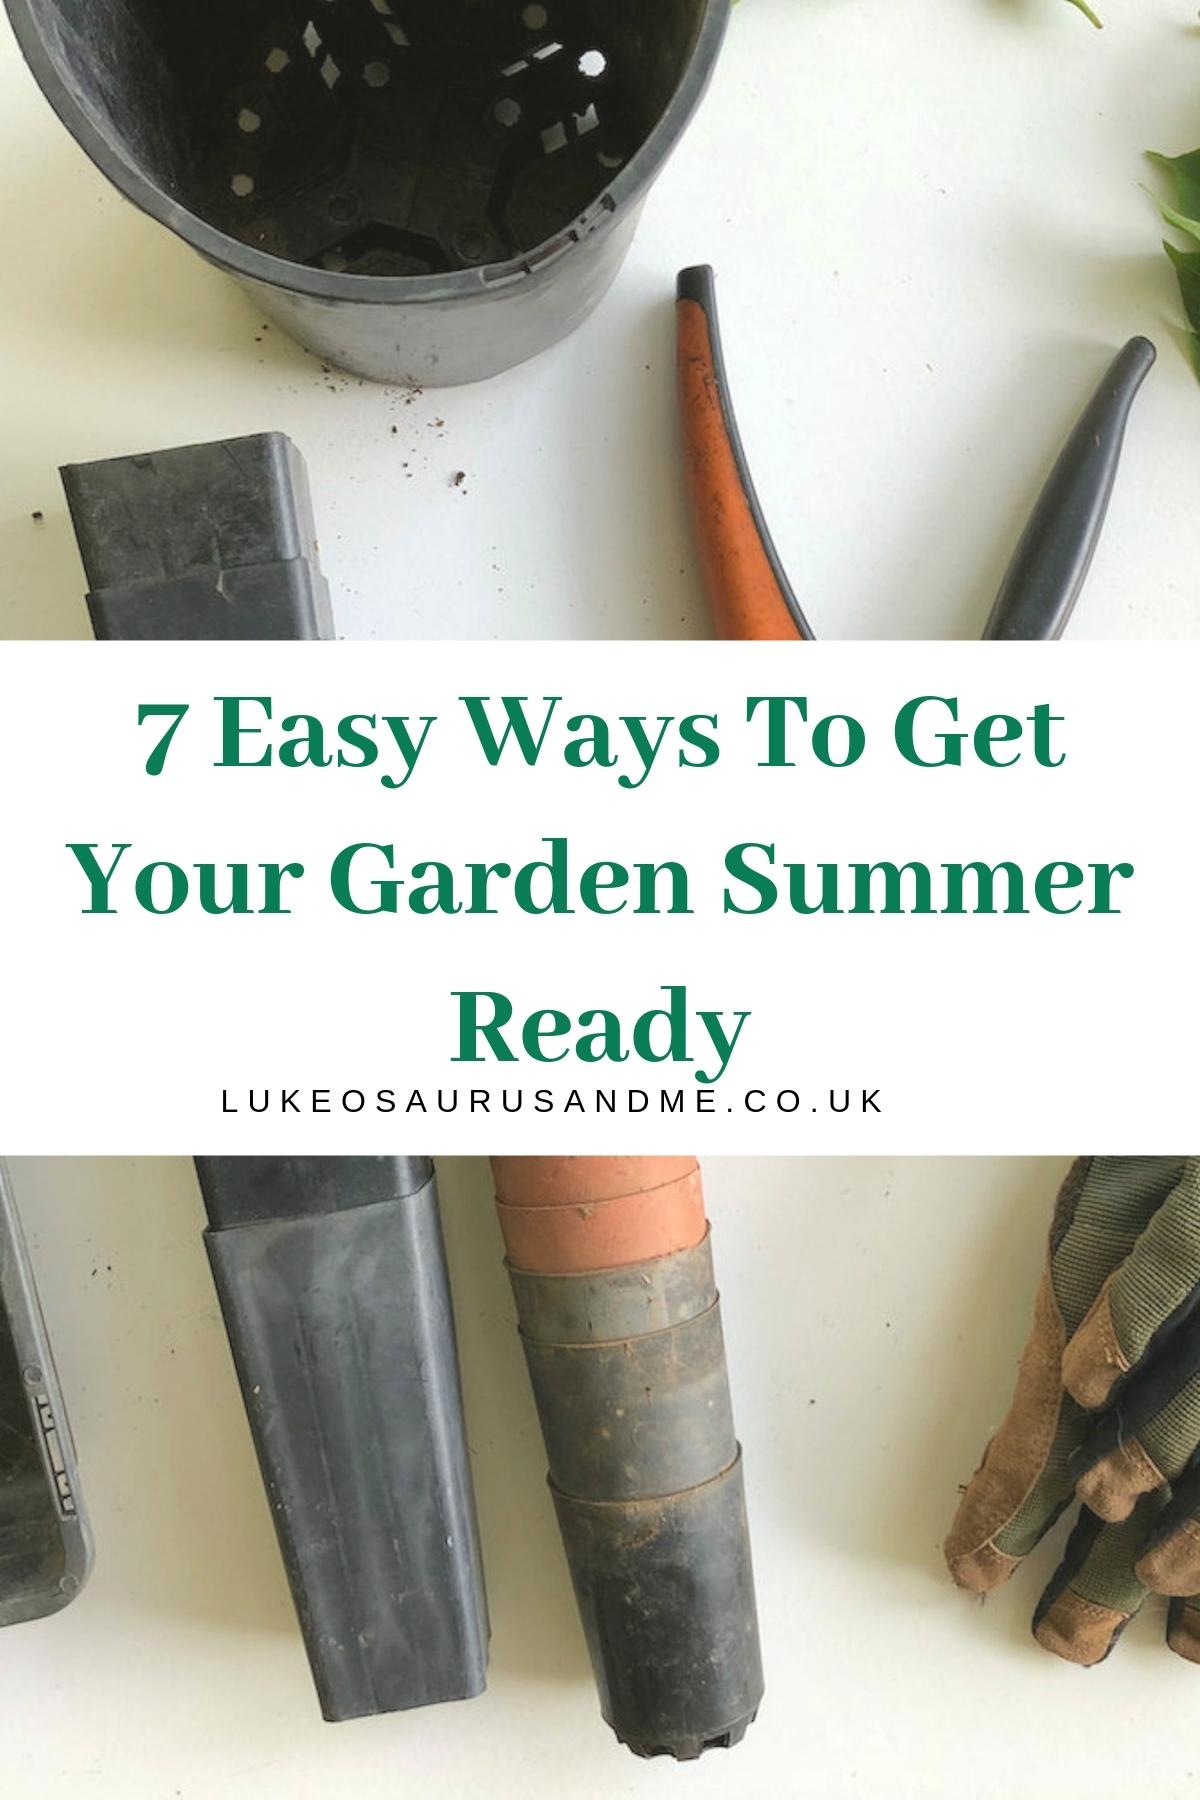 7 Easy Ways To Get Your Garden Summer Ready at https://lukeosaurusandme.co.uk